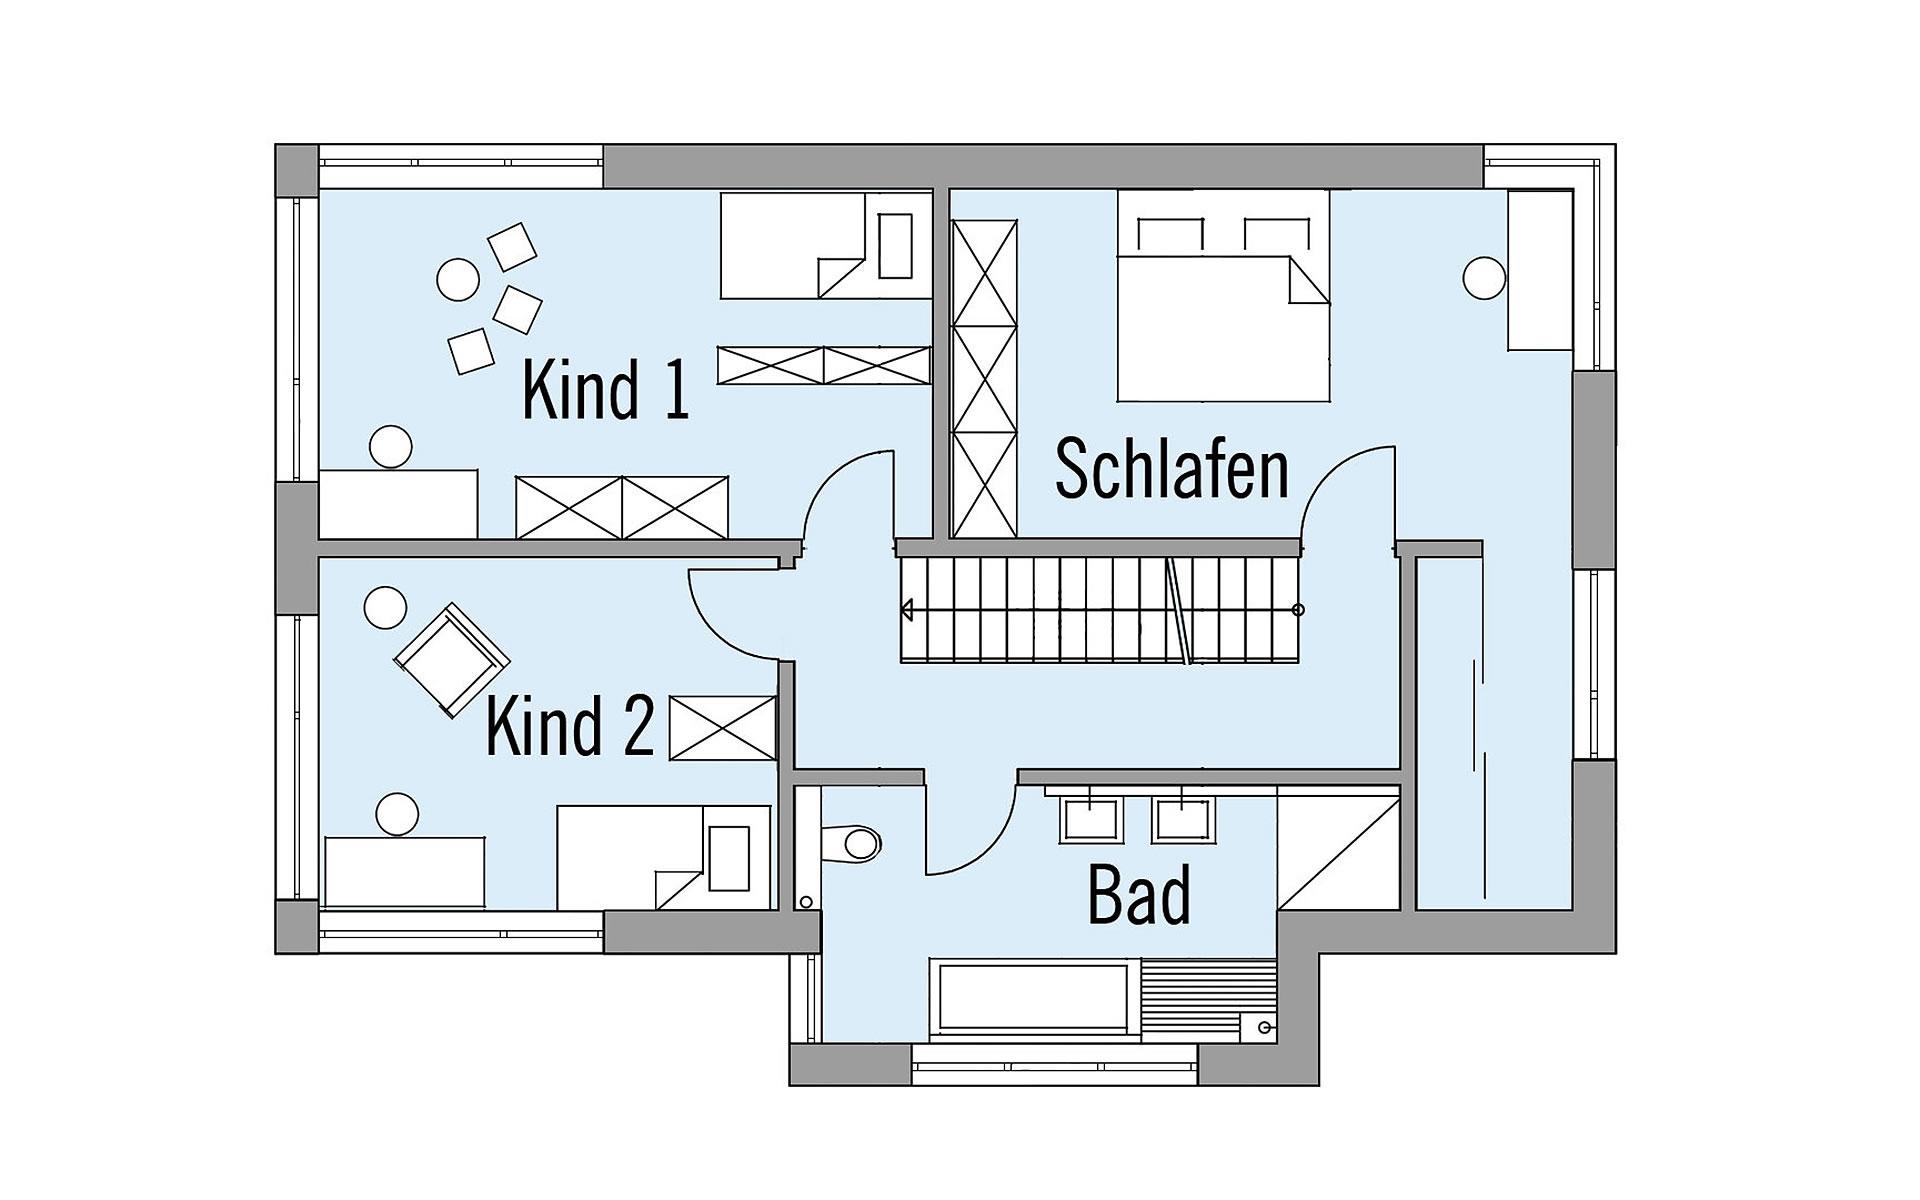 Obergeschoss Wiesenhütter von Bau-Fritz GmbH & Co. KG, seit 1896